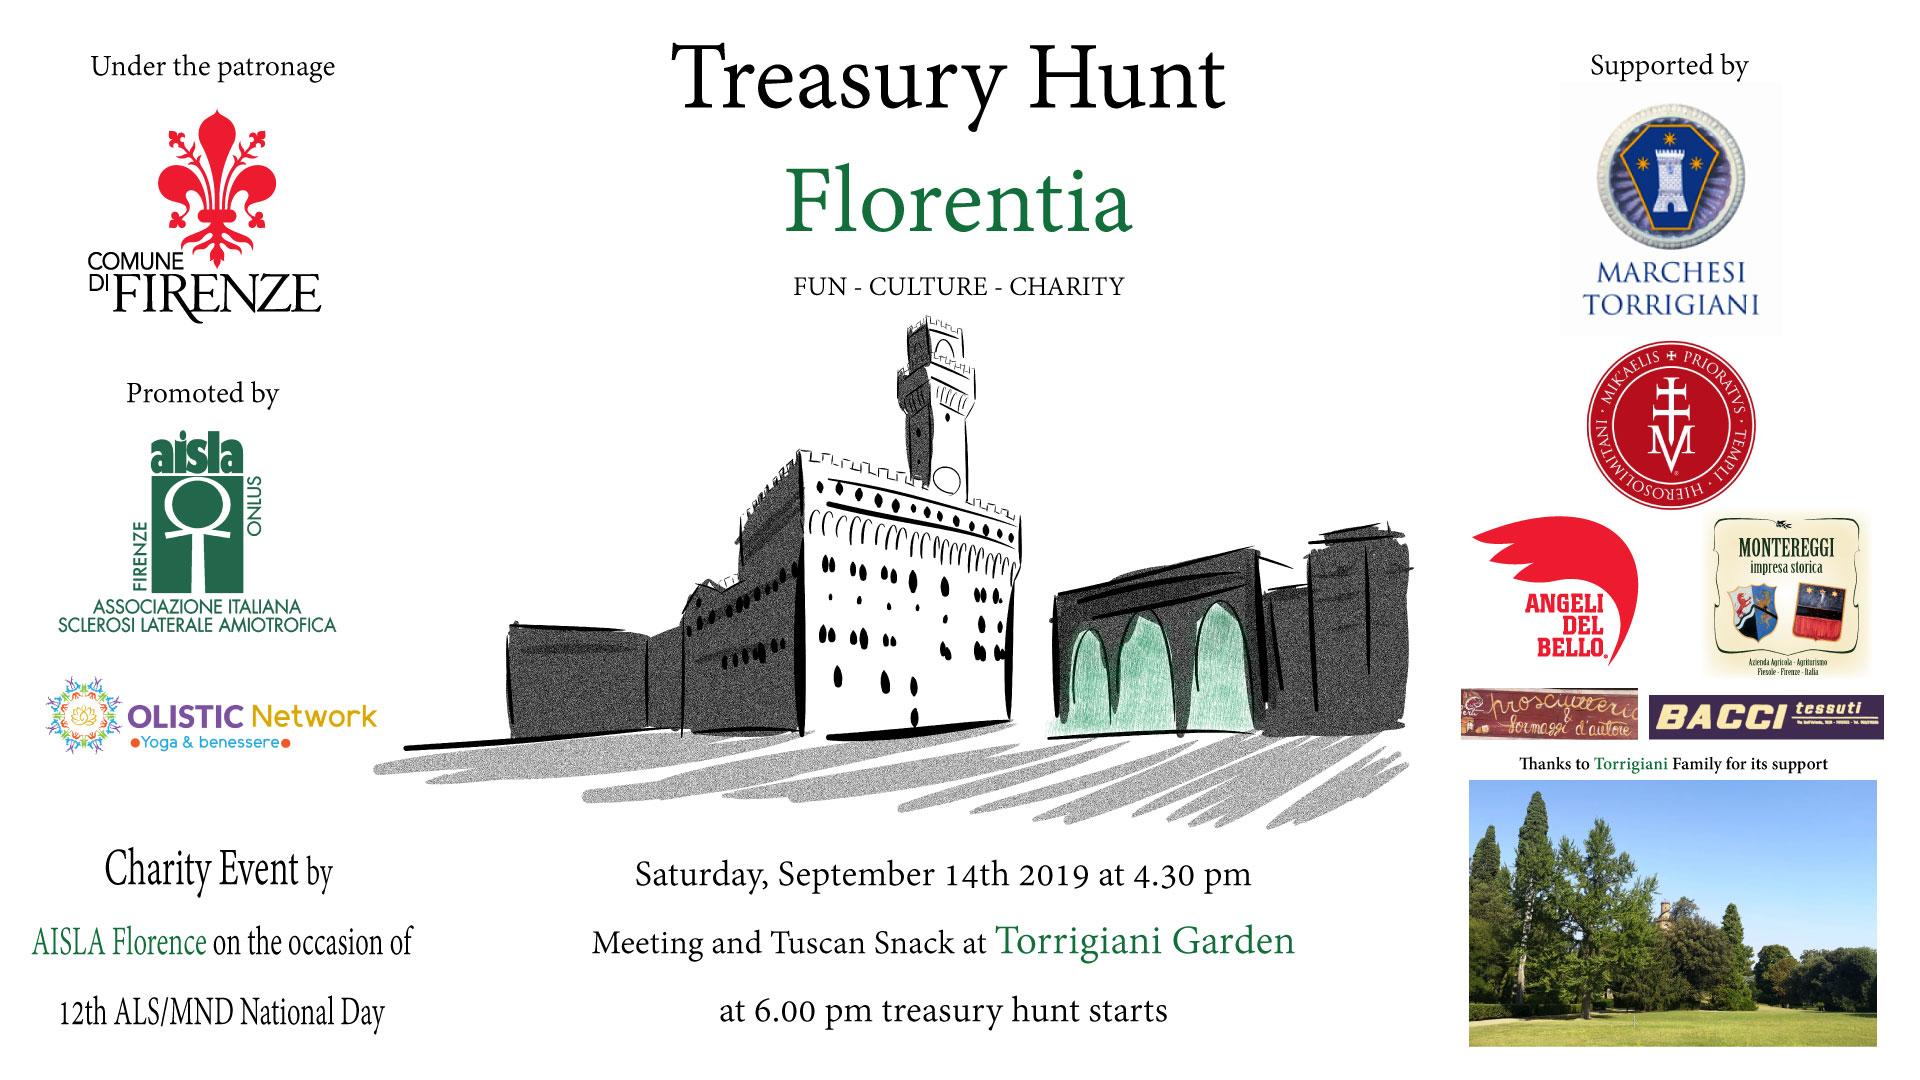 Florentia Trasury Hunt